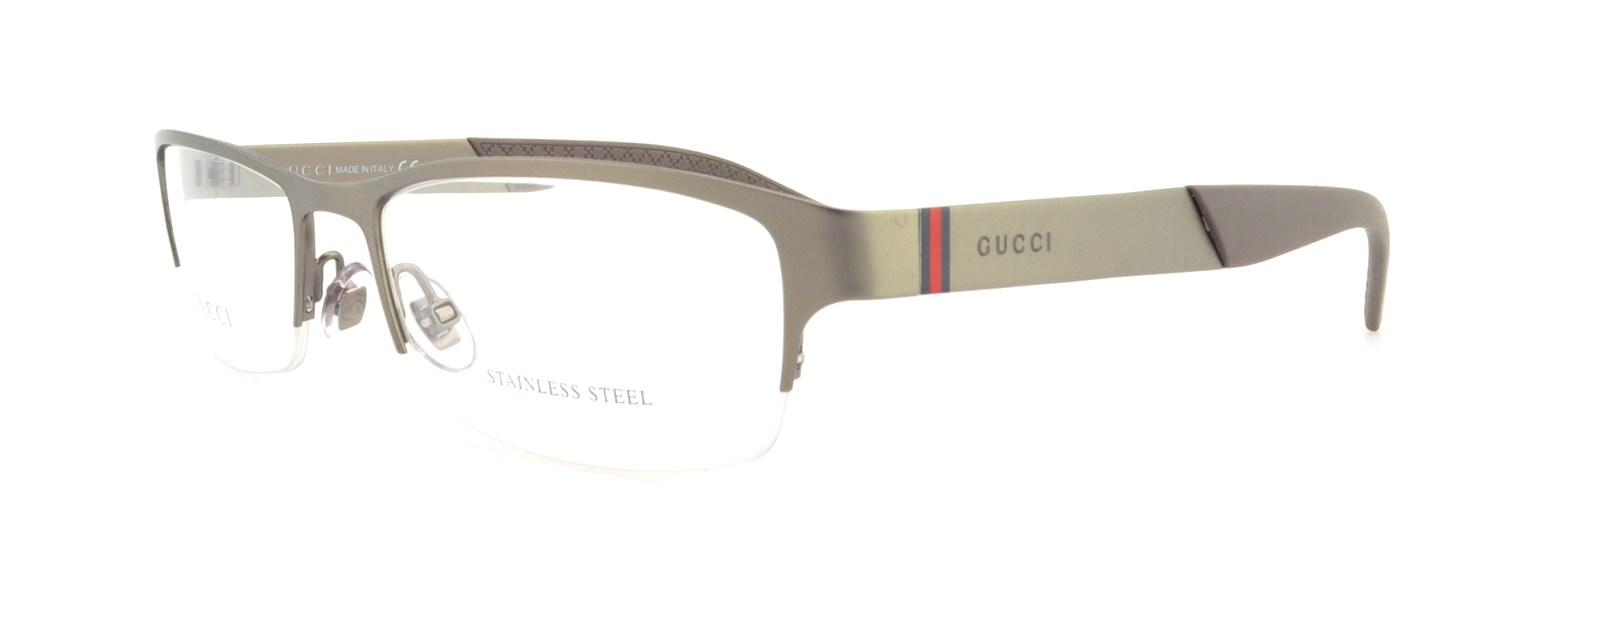 a6bd8ed908be Designer frames outlet gucci jpg 1600x626 Gucci eyeglasses men